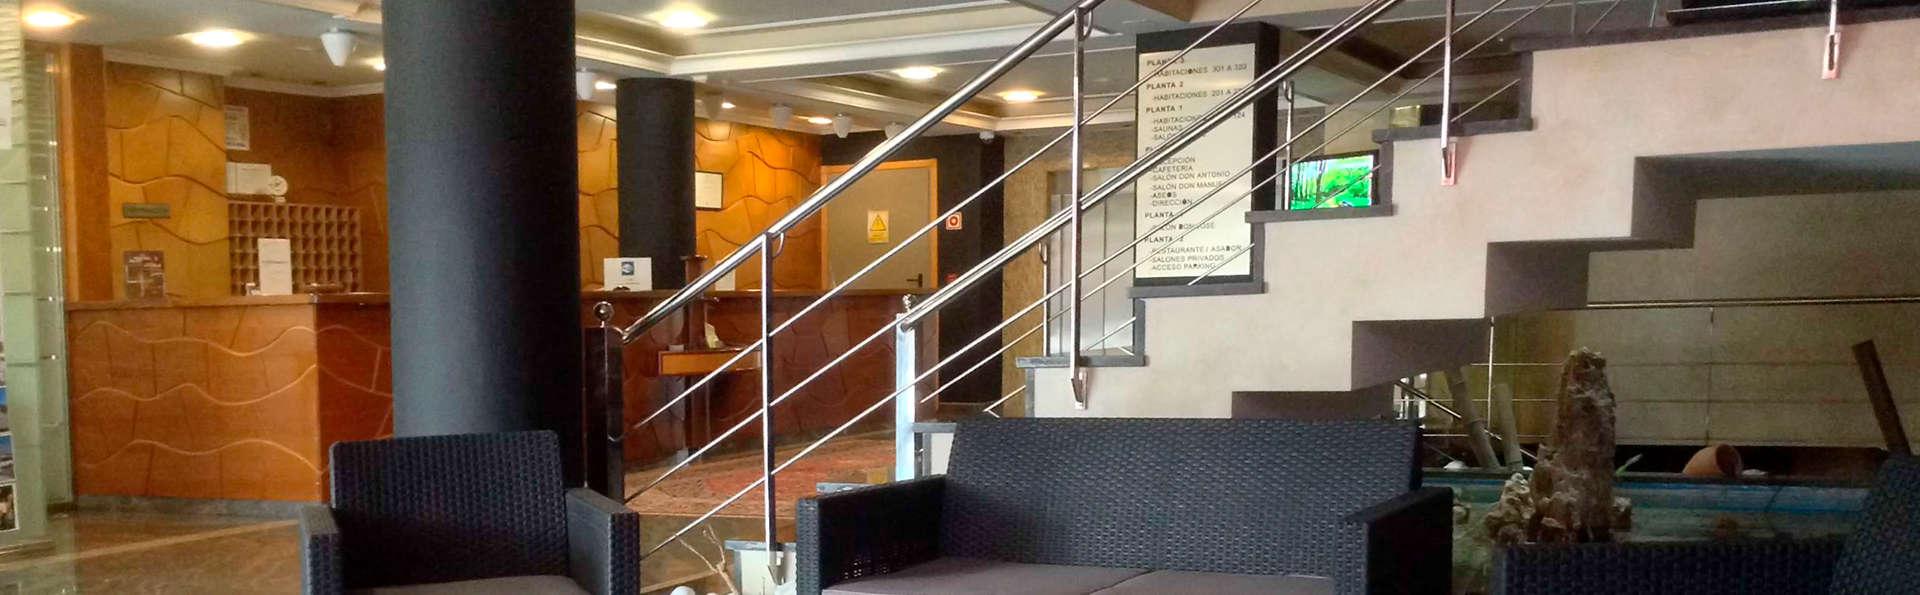 Hotel Alfonso I - edit_lobby.jpg